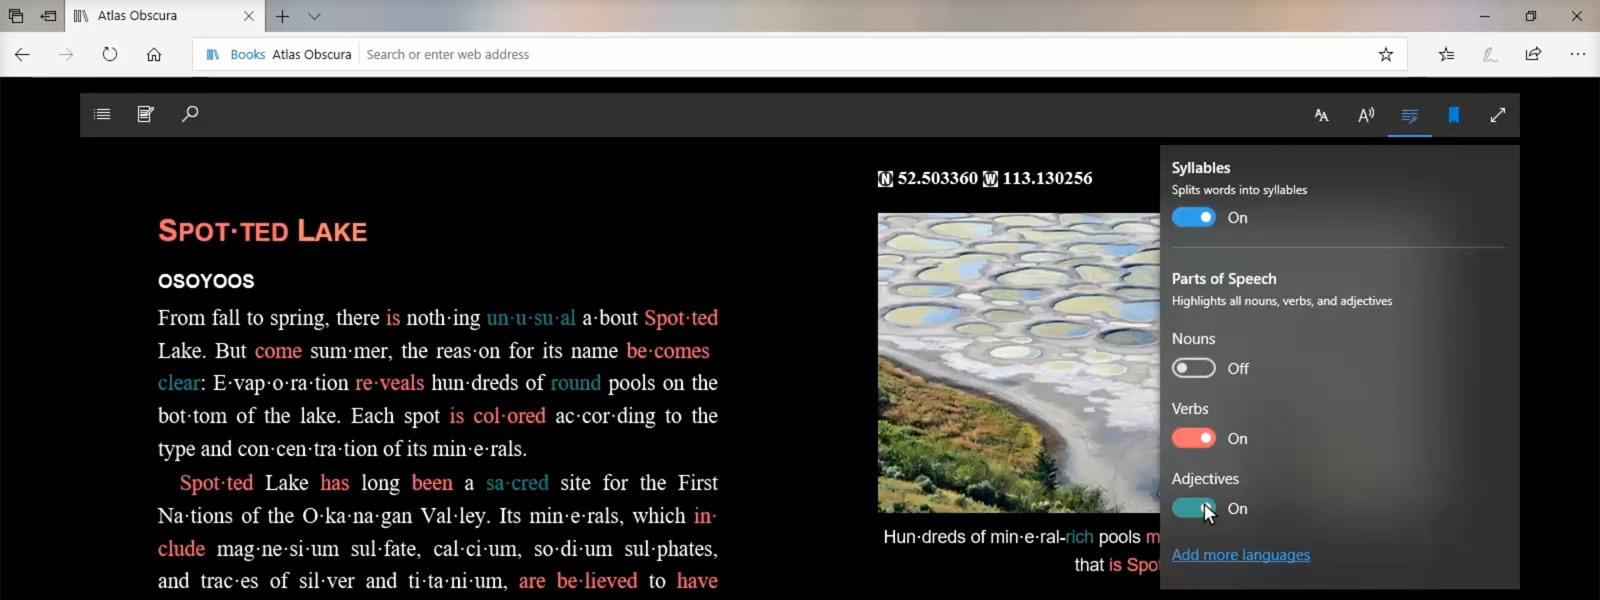 Imagem de tela da funcionalidade de Ferramentas de Aprendizagem destacando os substantivos, verbos e adjetivos em uma determinada página da Web